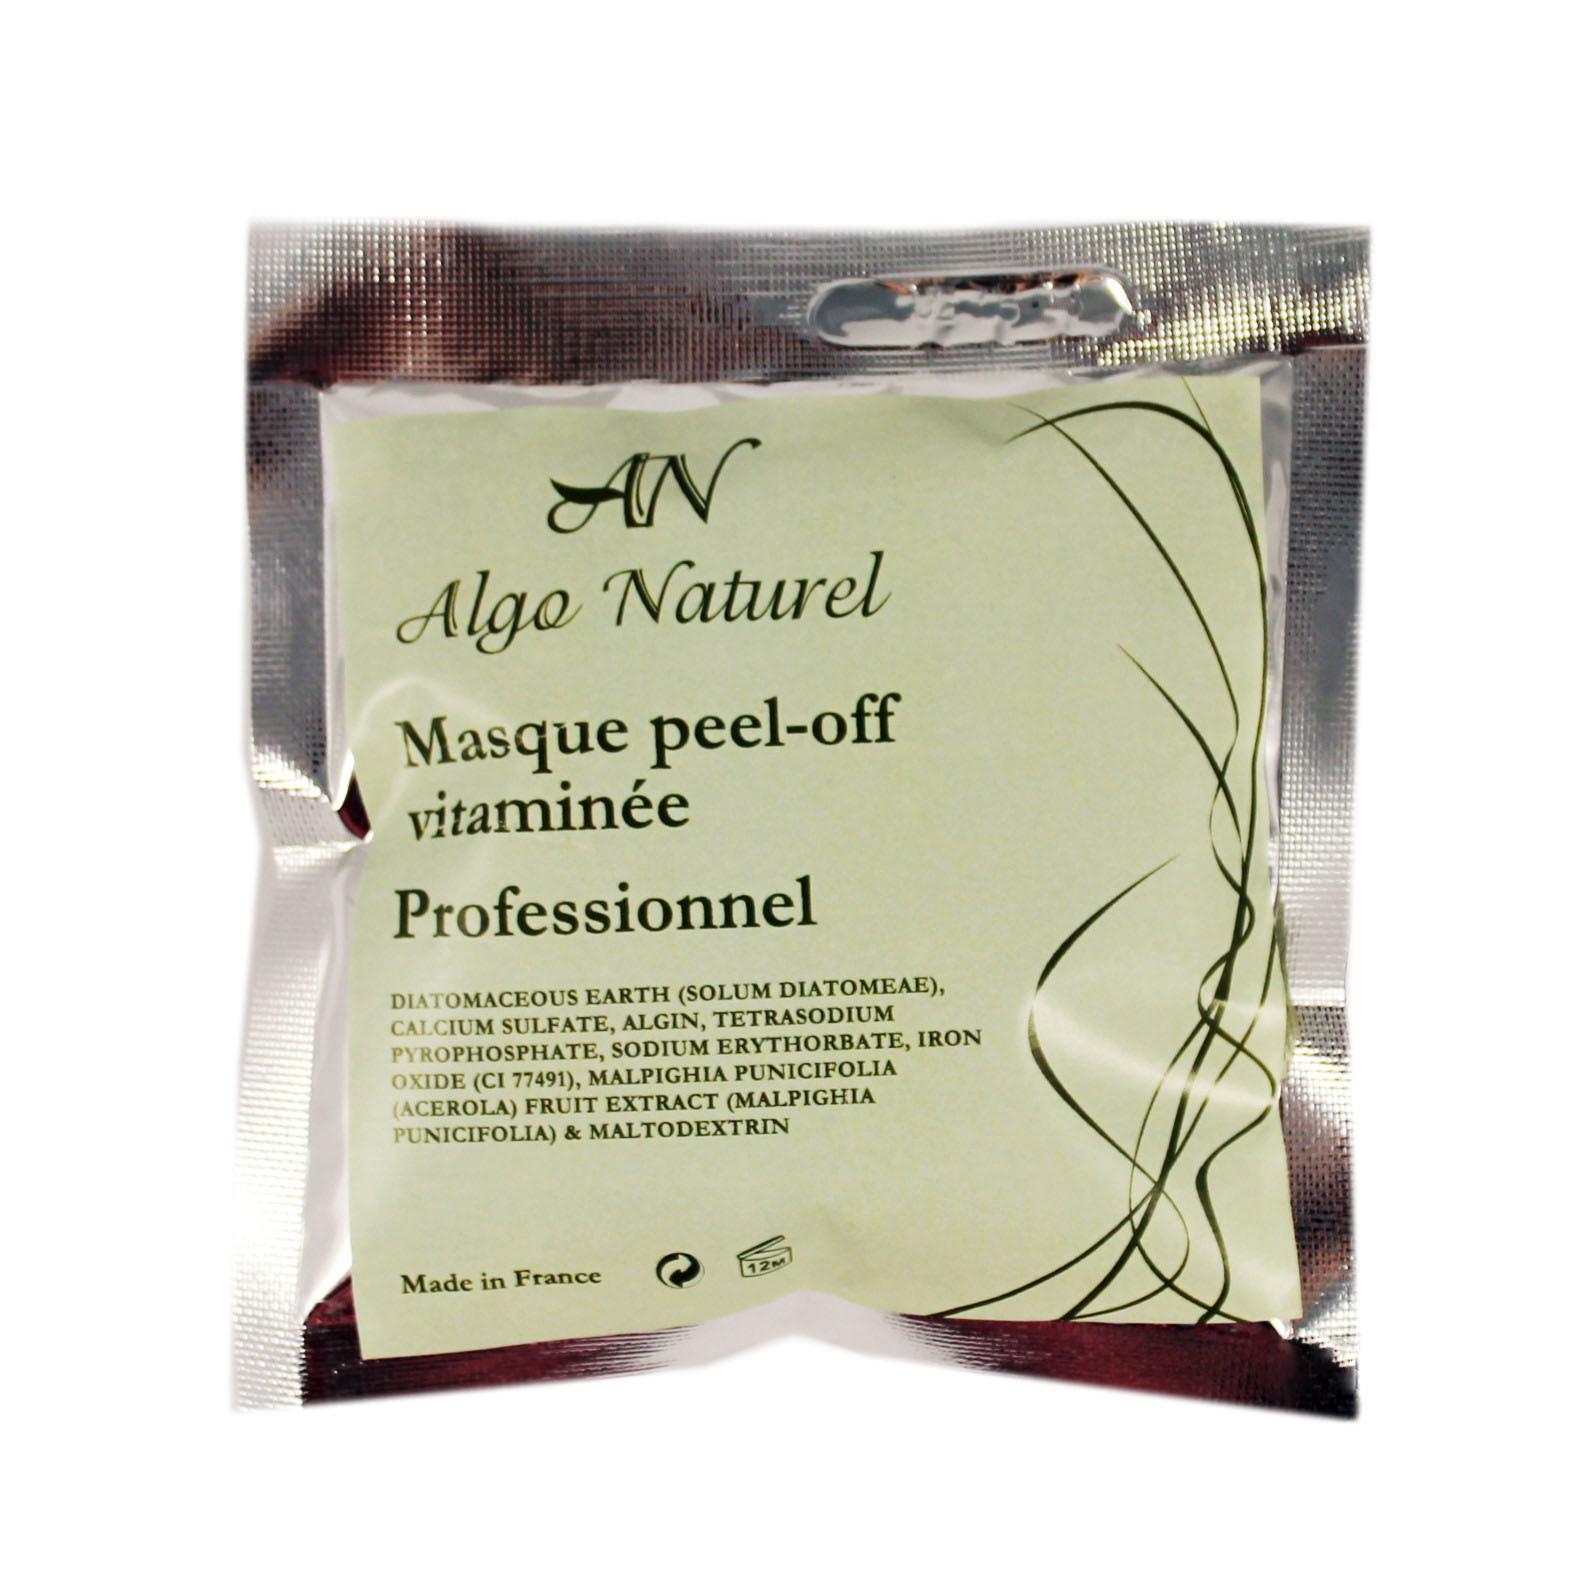 Альгинатная маска Algo Naturel витаминная 25 г